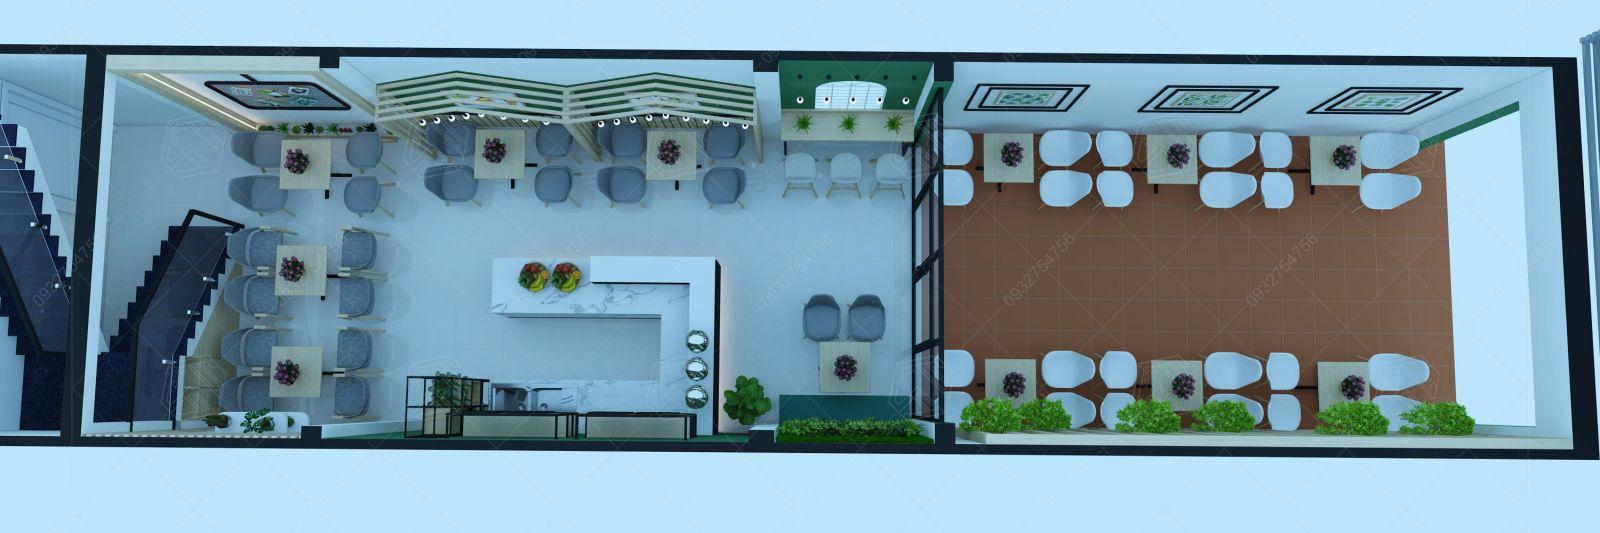 thiết kế quán trà sữa tây ninh